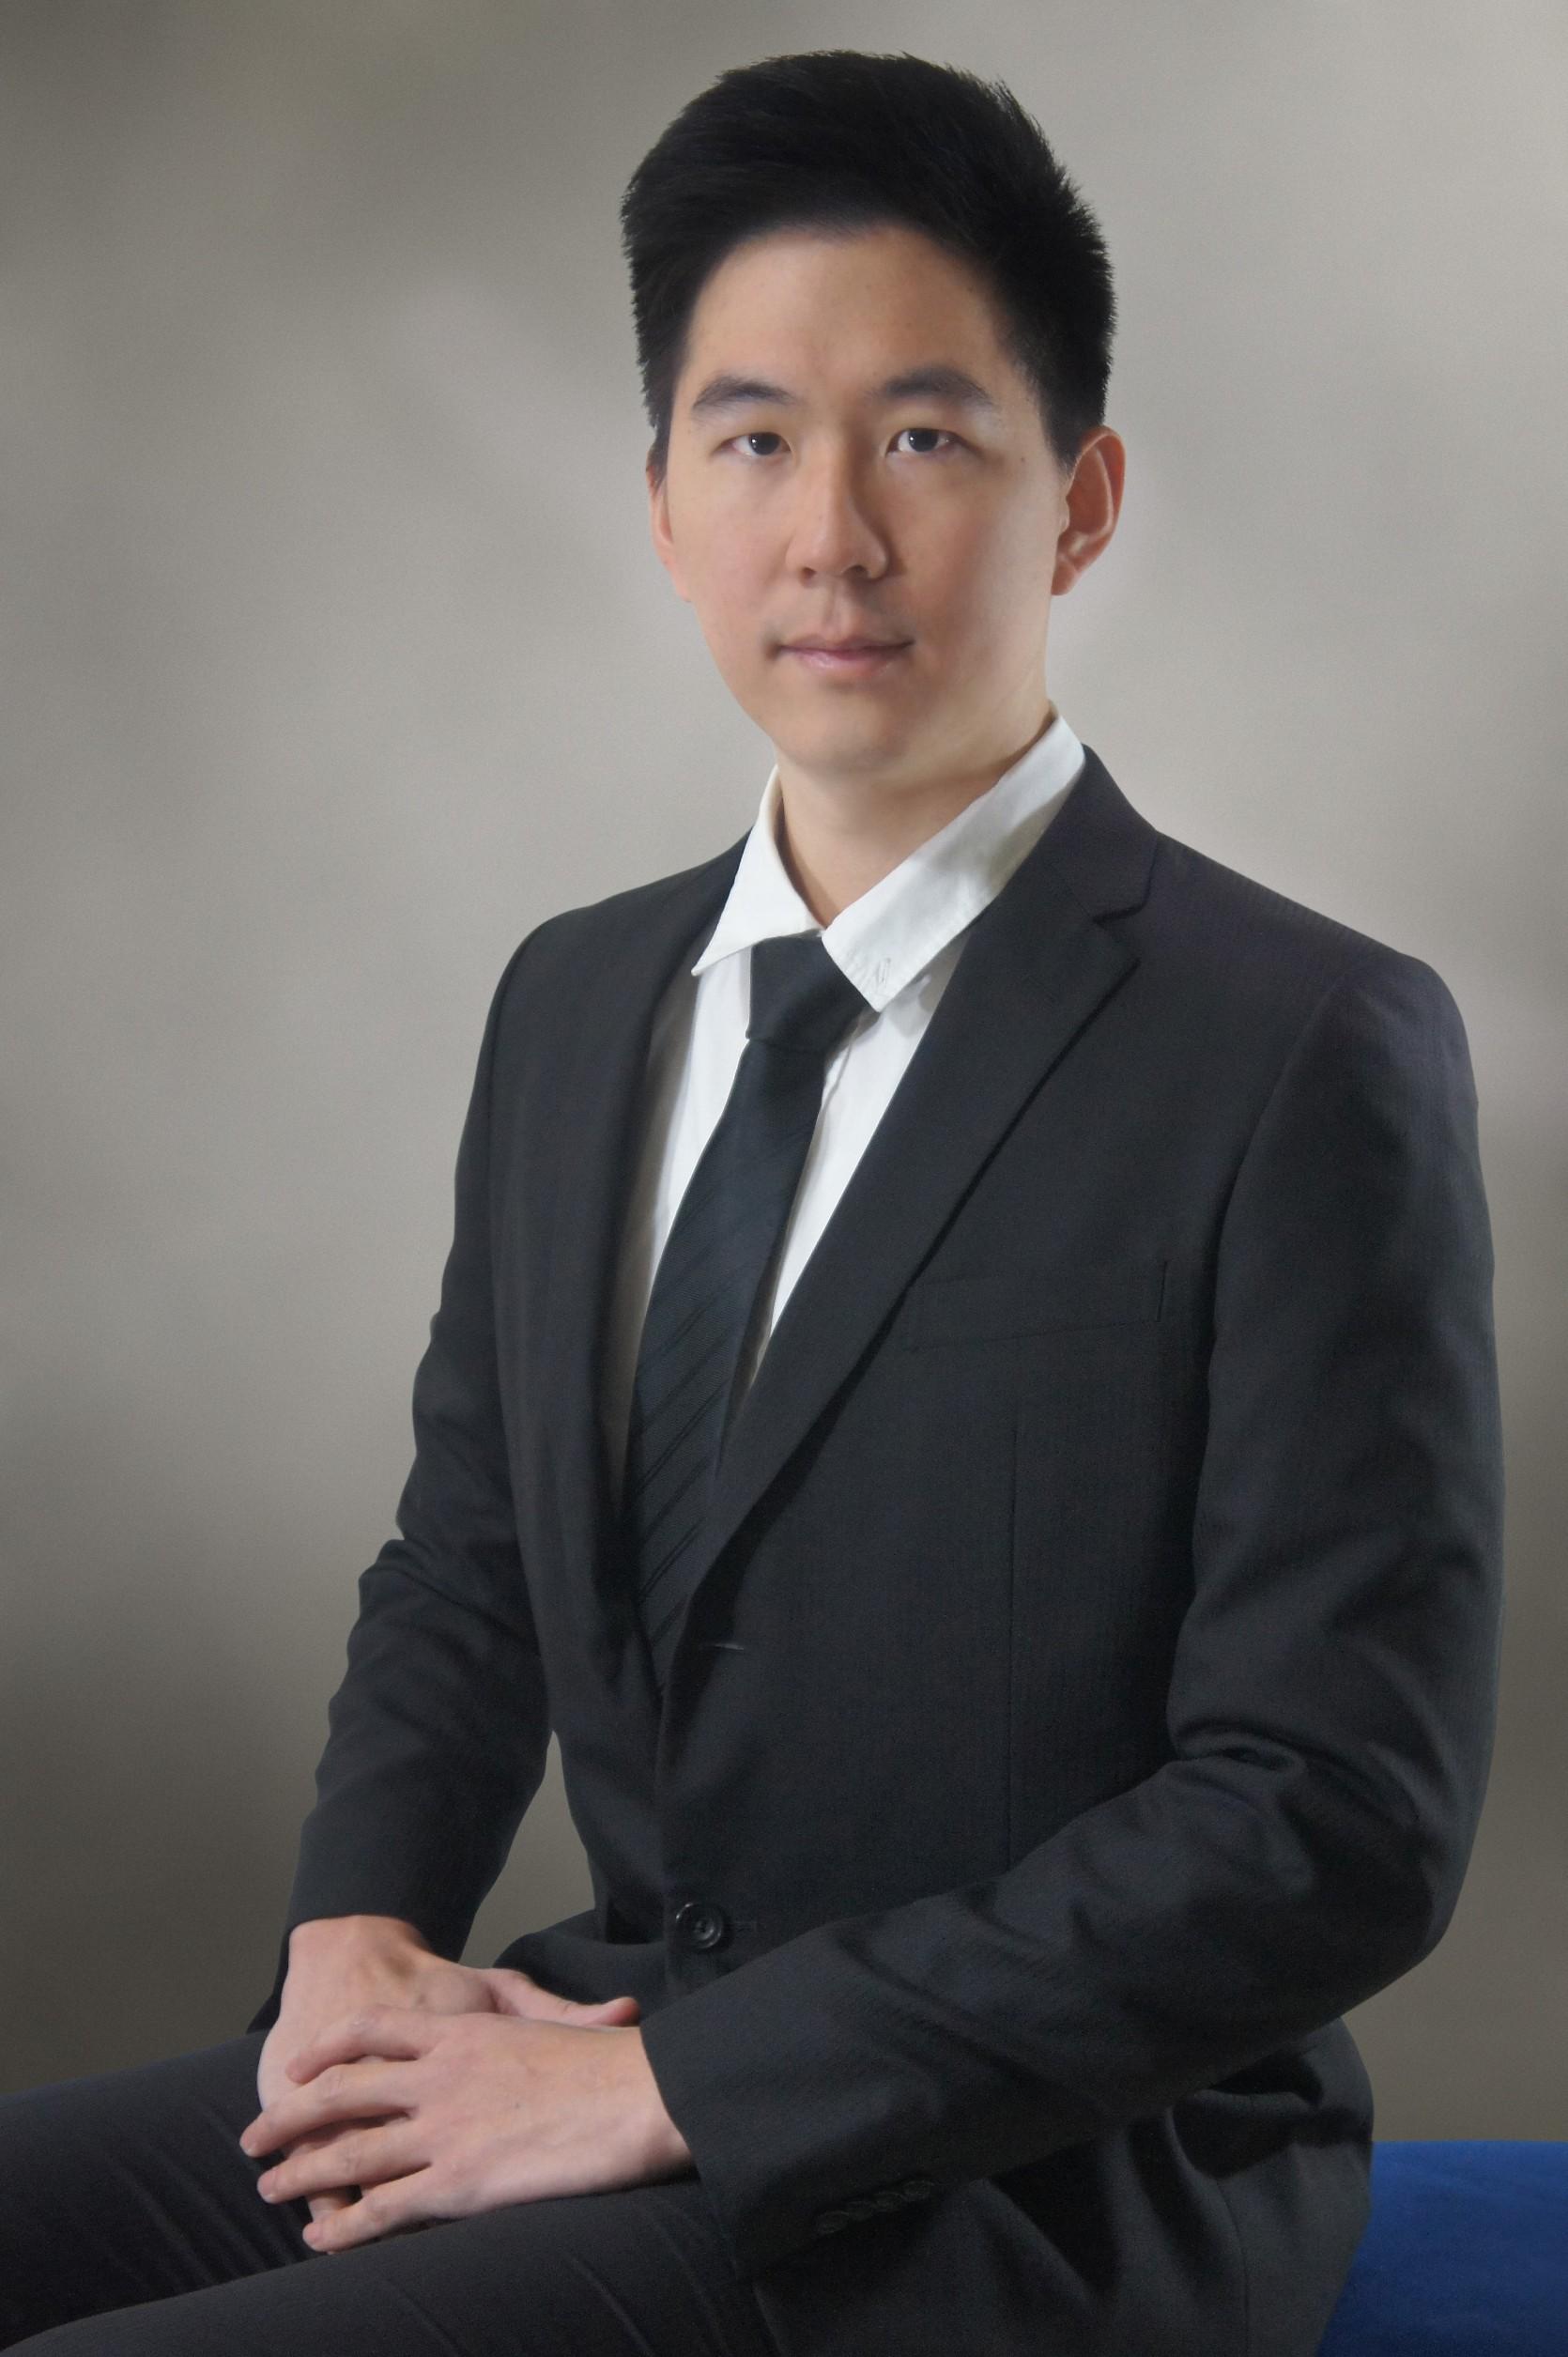 Cheng-Kang Yang